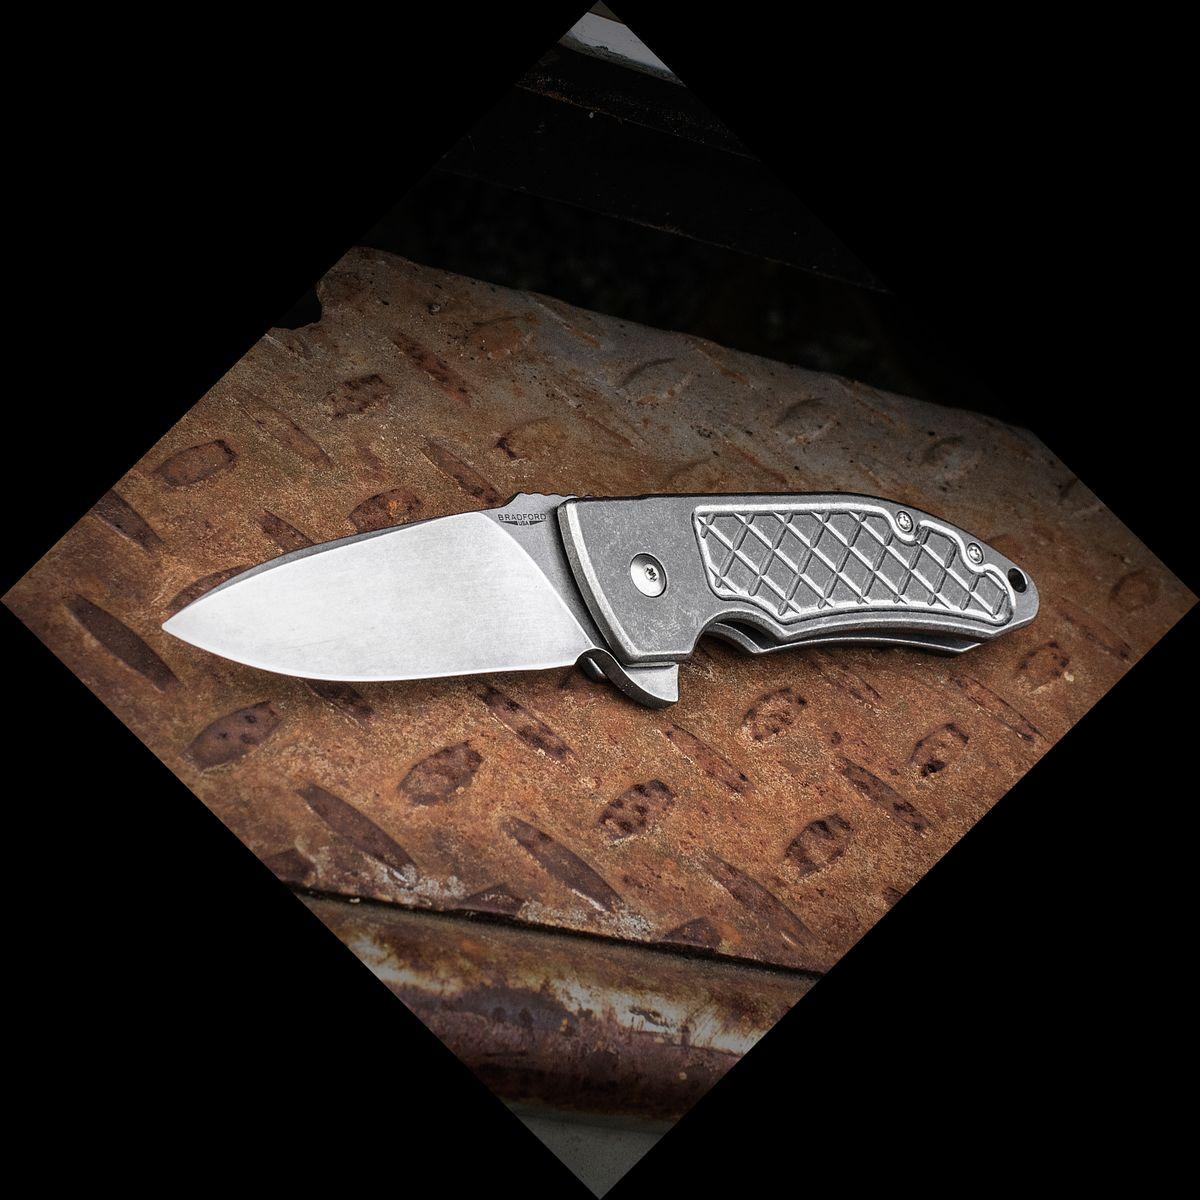 Bradford Knives